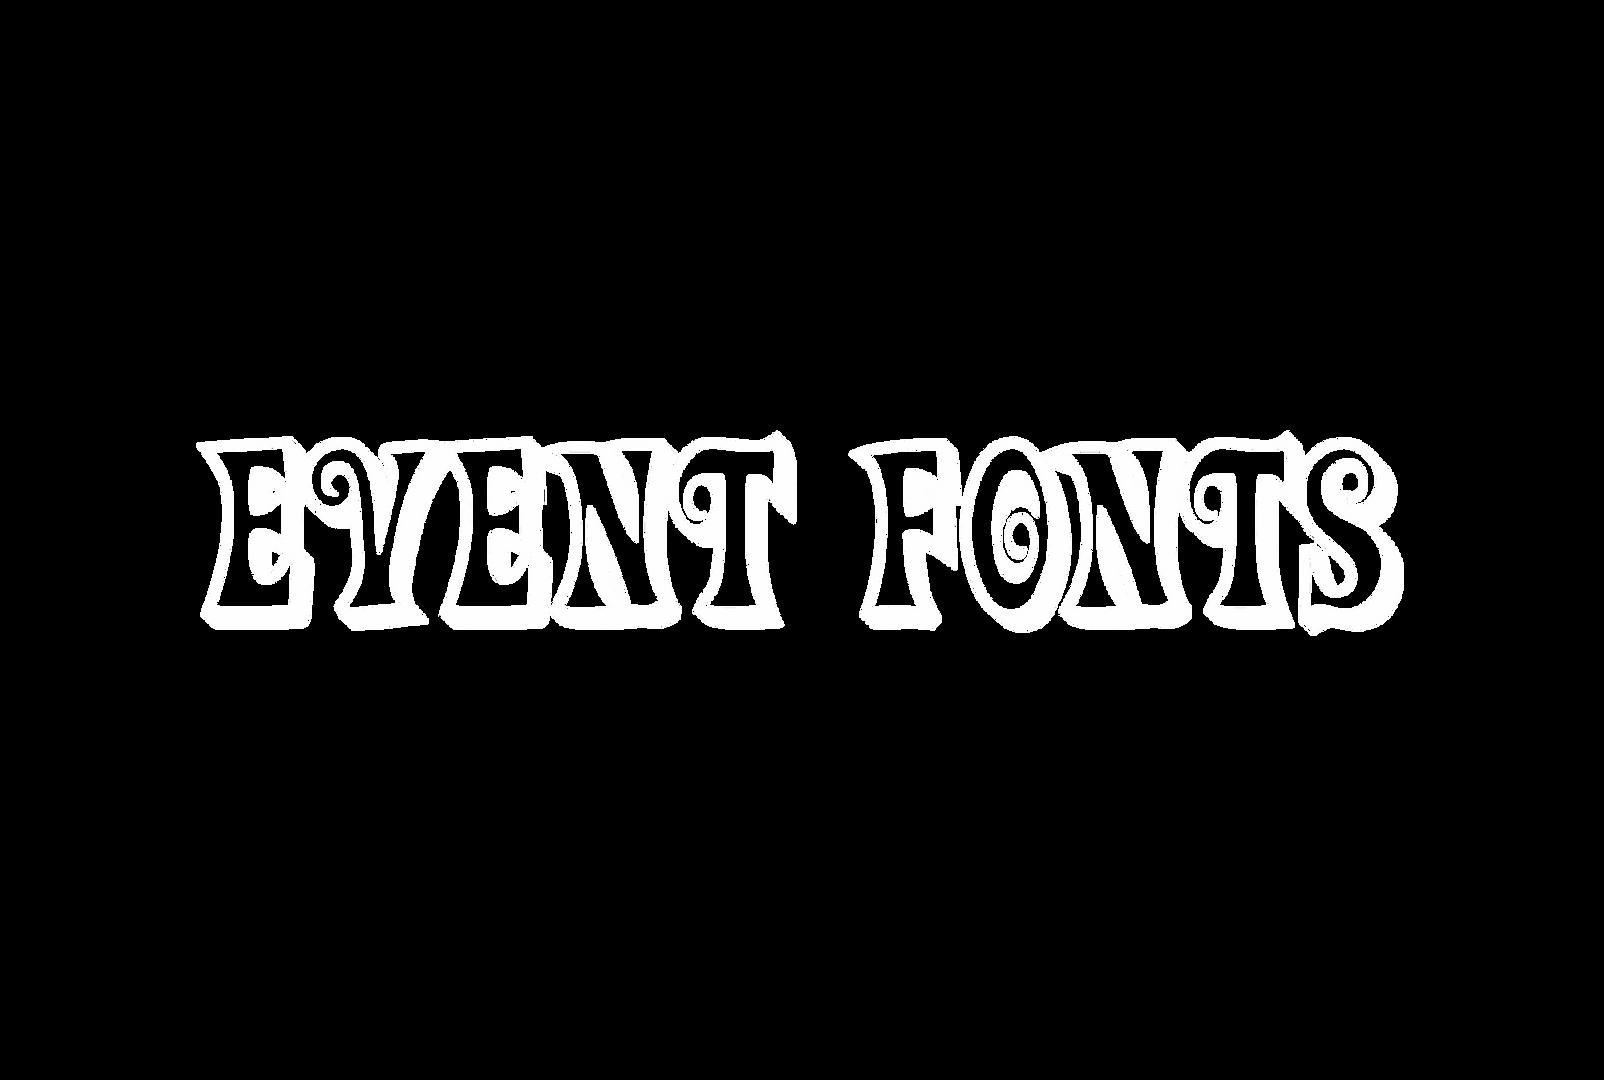 DigitalNetwork3D-Font (20).png